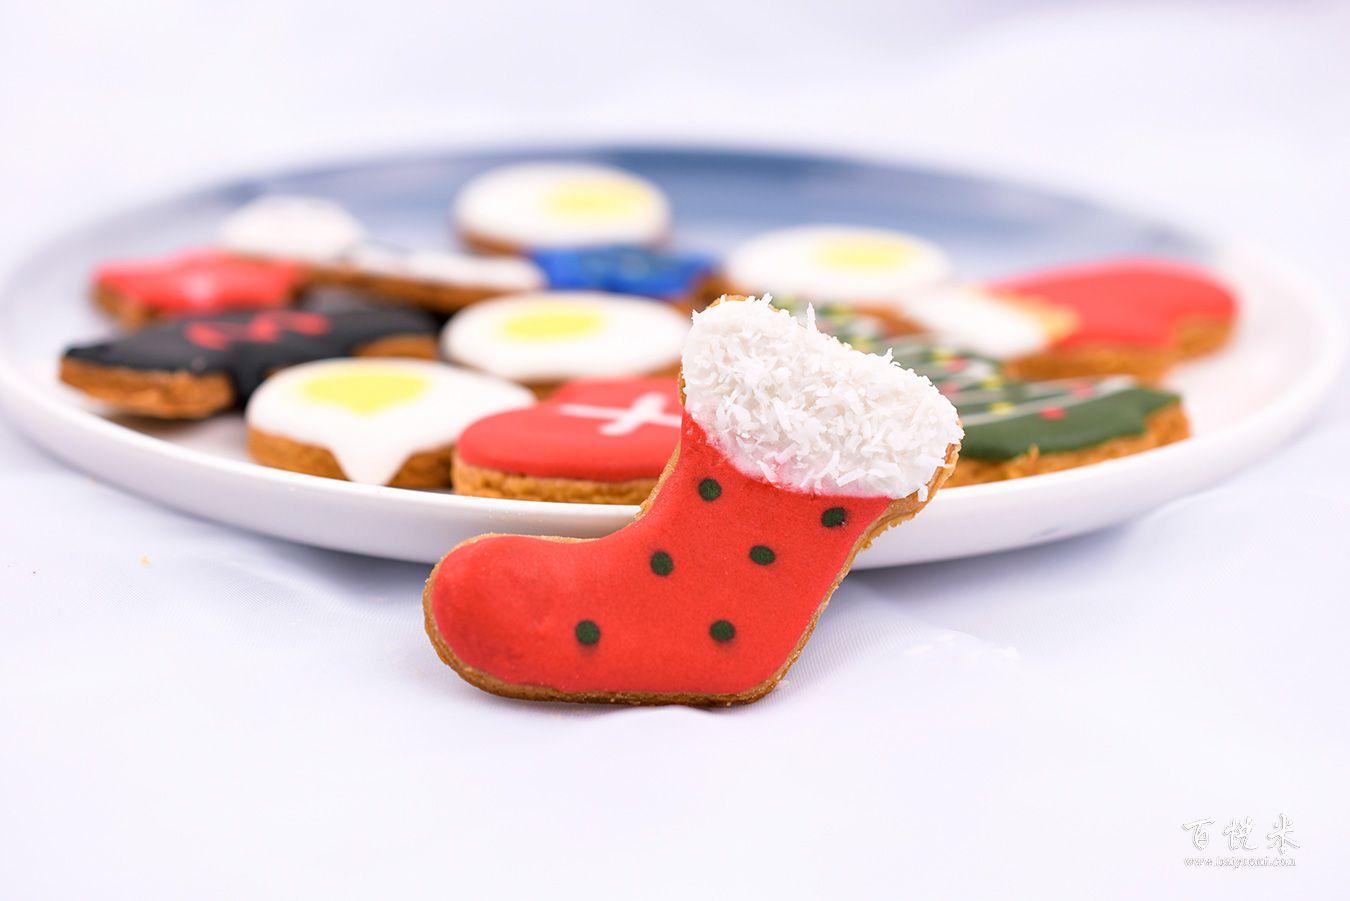 手绘卡通糖霜饼干高清图片大全【蛋糕图片】_934